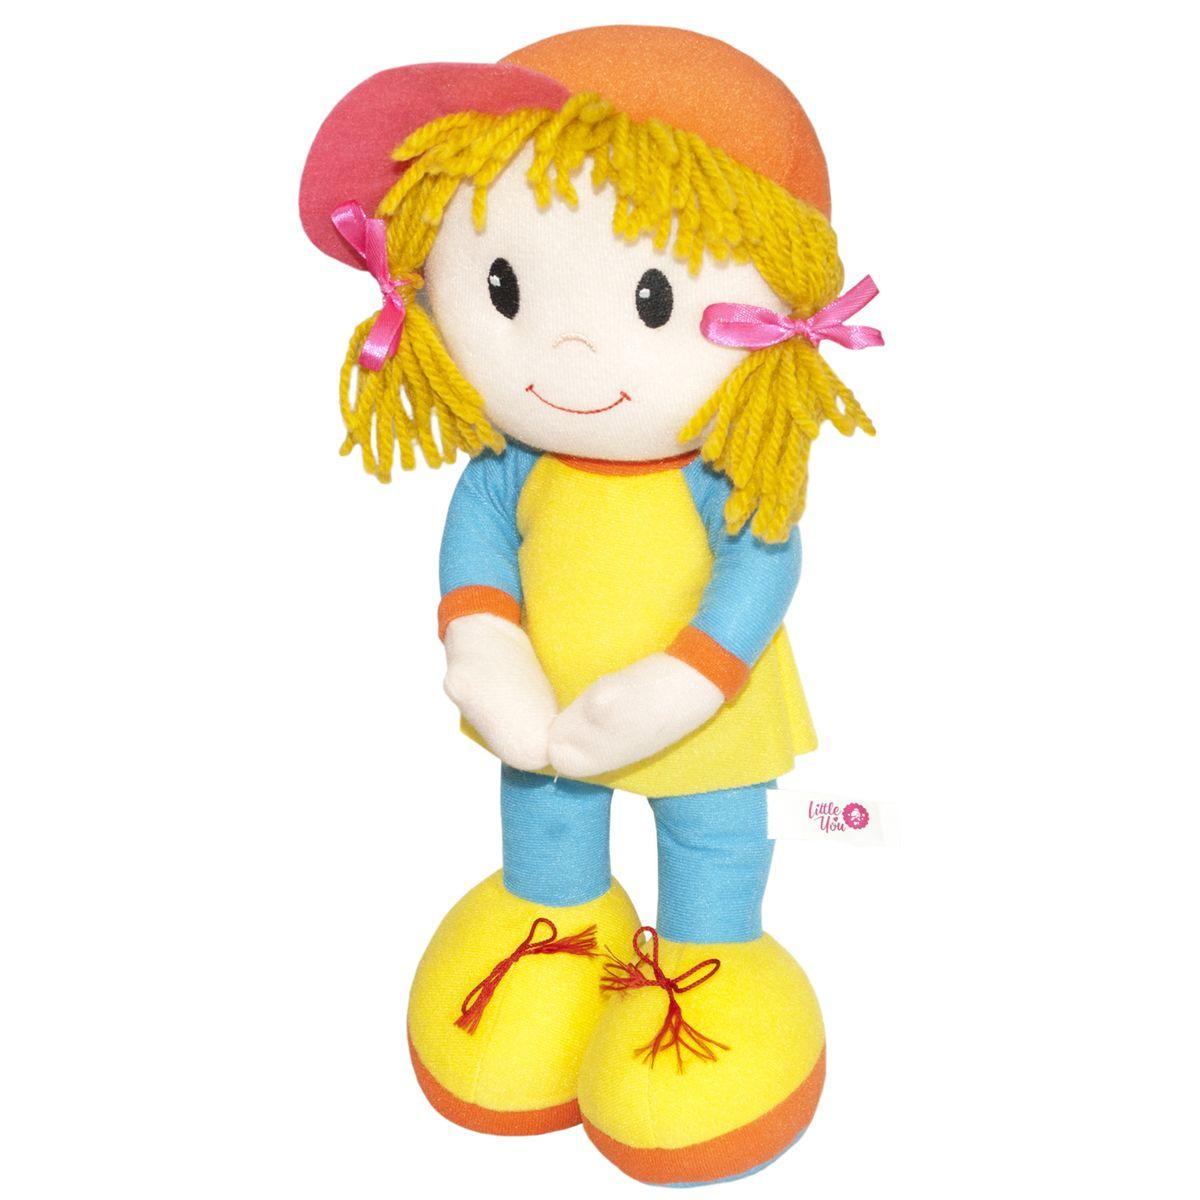 Little You Кукла КейтT3990LYПриятная на ощупь, симпатичная мягкая кукла. Яркая, жизнерадостная. Кукла подарит весёлое настроение и станет для ребёнка надёжным другом.